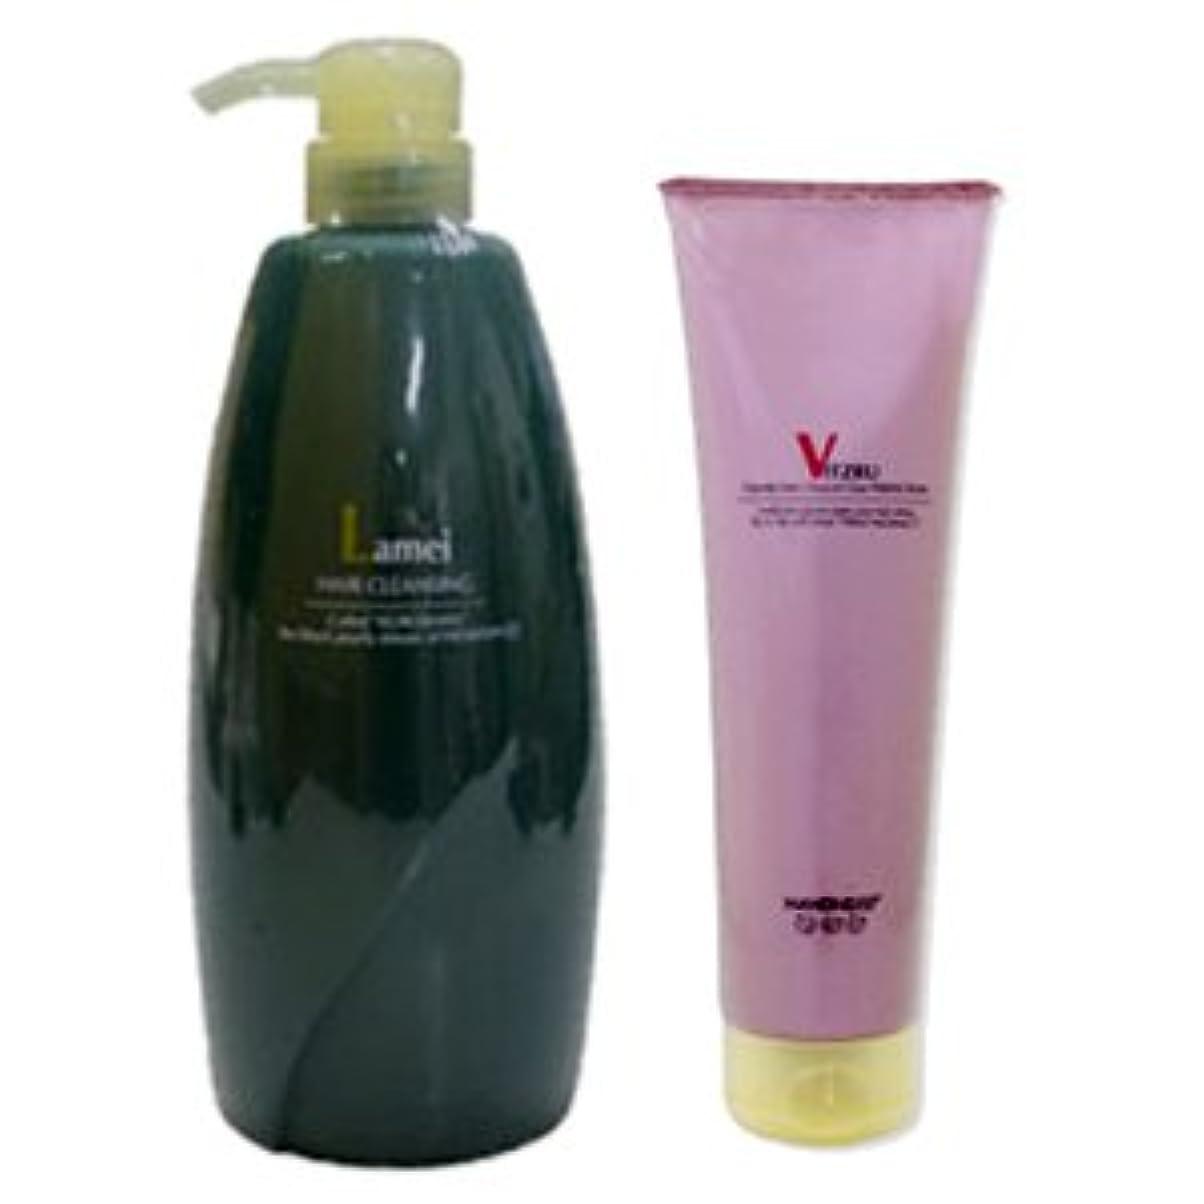 物理的な女性からハホニコ ラメイヘアクレンジング 1000mL & ビッツル 280g セット [Shampoo-land限定]